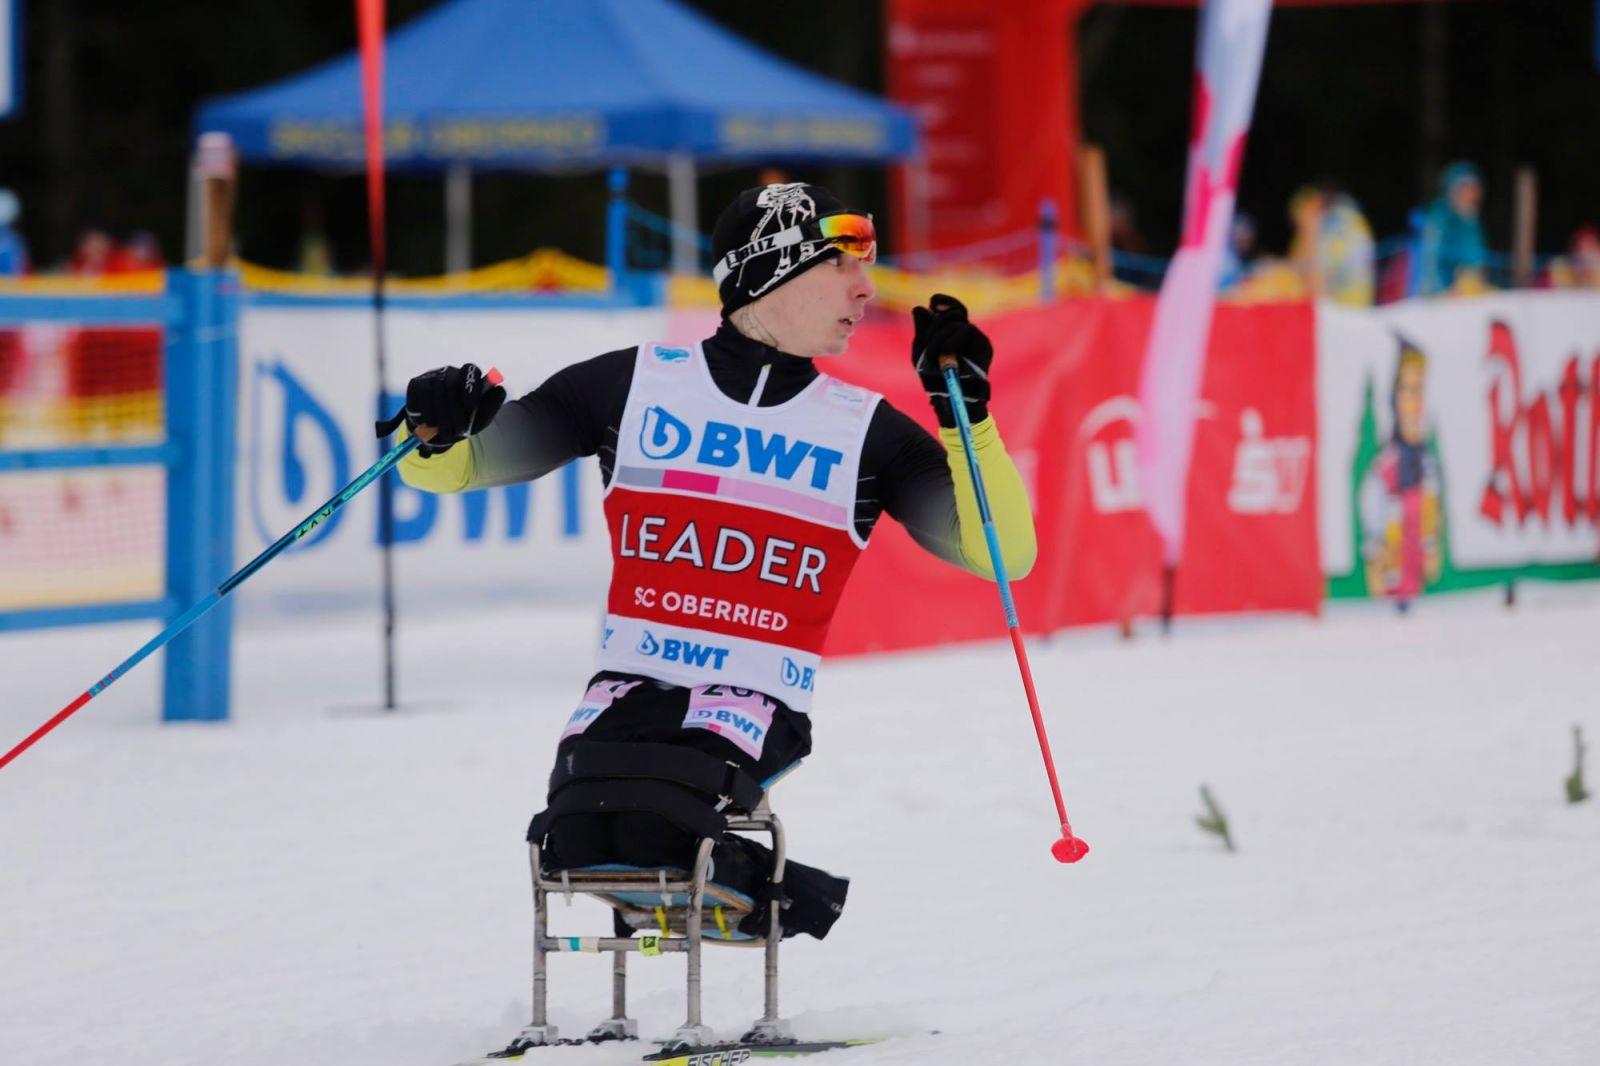 В третий соревновательный день 2 этапа Кубка мира по лыжным гонкам и биатлону спорта лиц с ПОДА и нарушением зрения российские спортсмены завоевали 1 золотую, 3 серебряные и 1 бронзовую медали